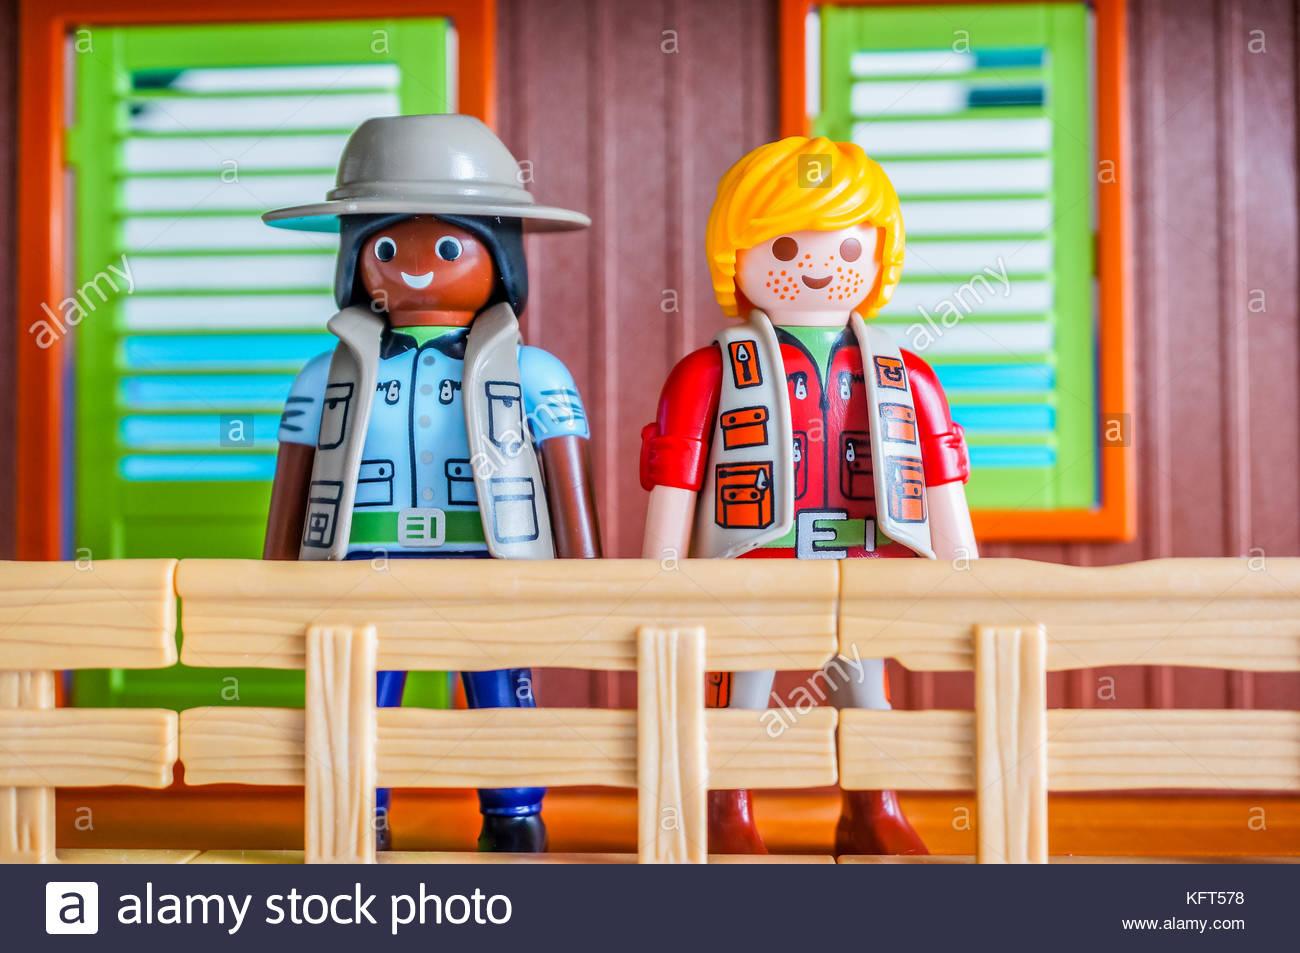 Playmobil Toy Figures Stock Photos Amp Playmobil Toy Figures